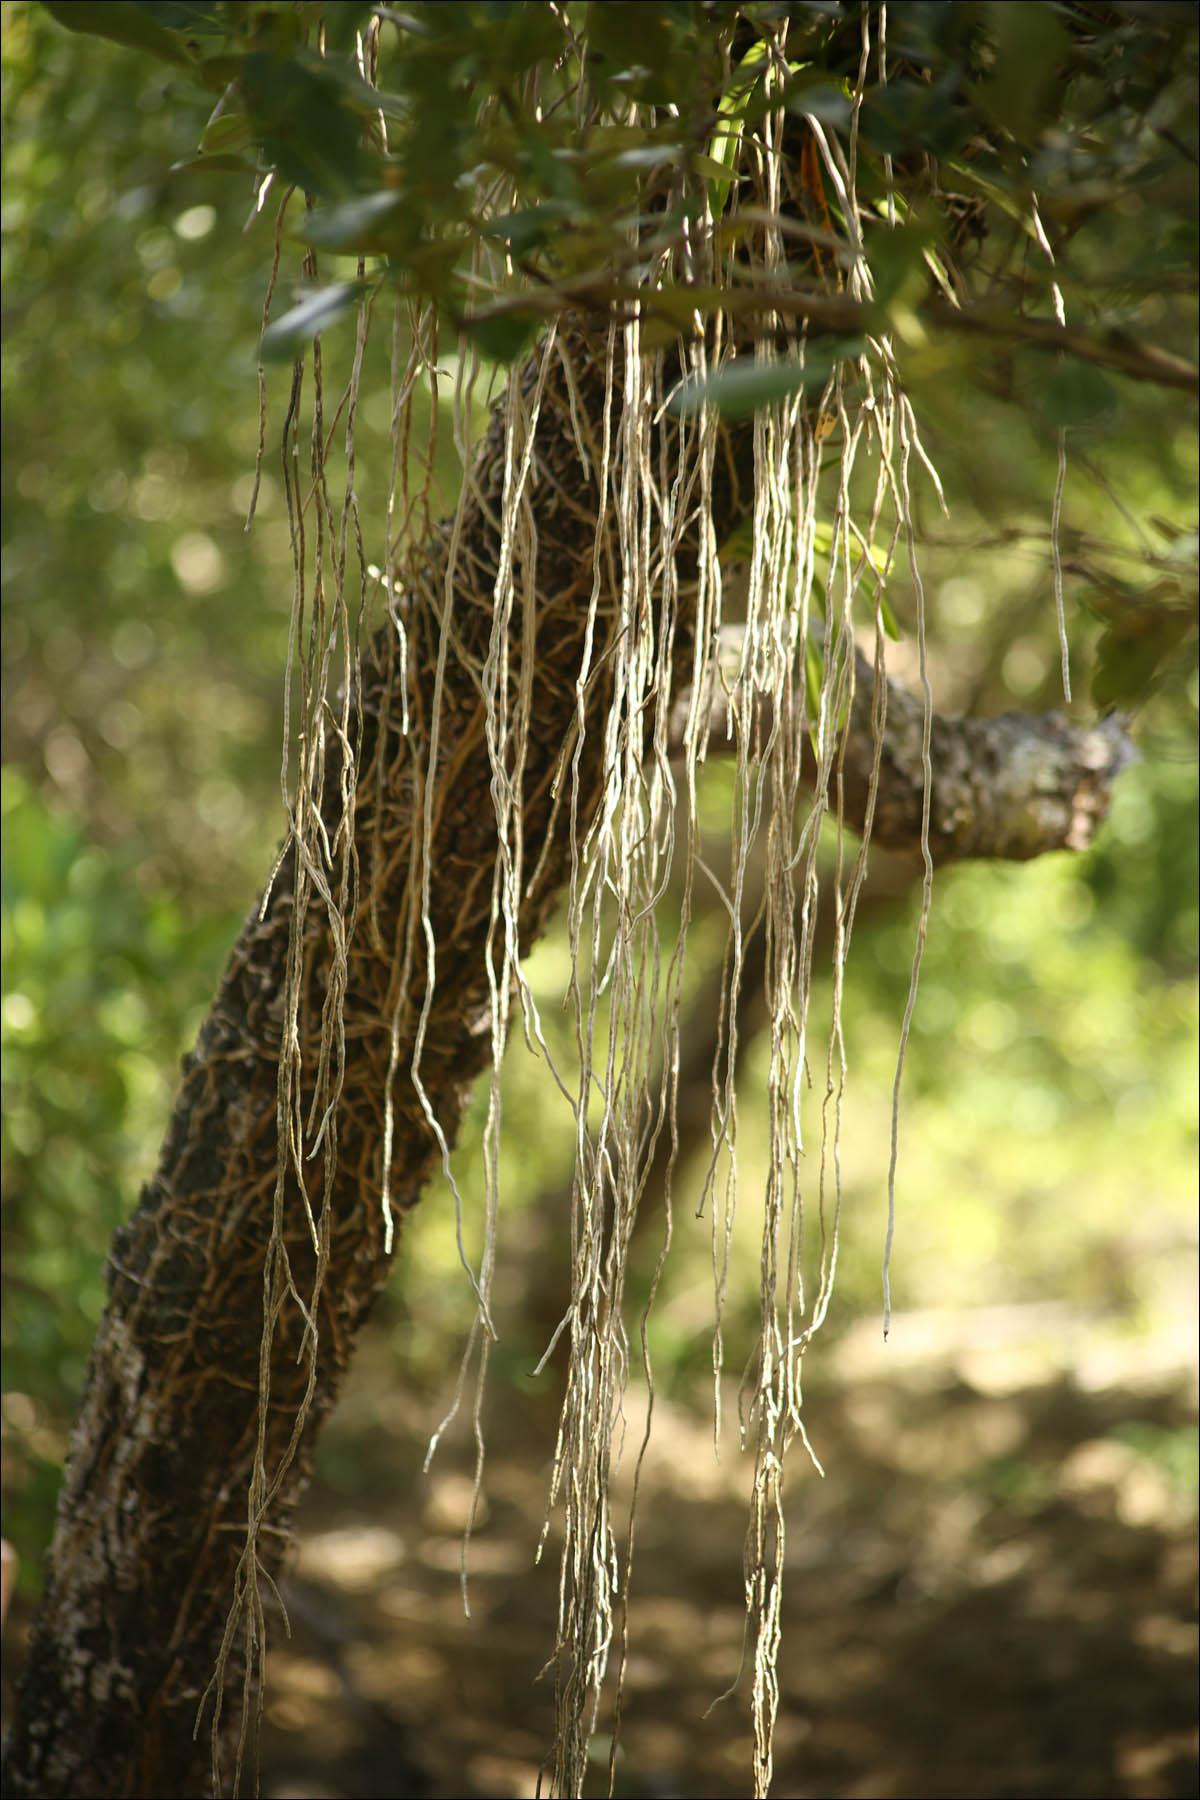 Мангровый лес: крутейший биом планеты - 10